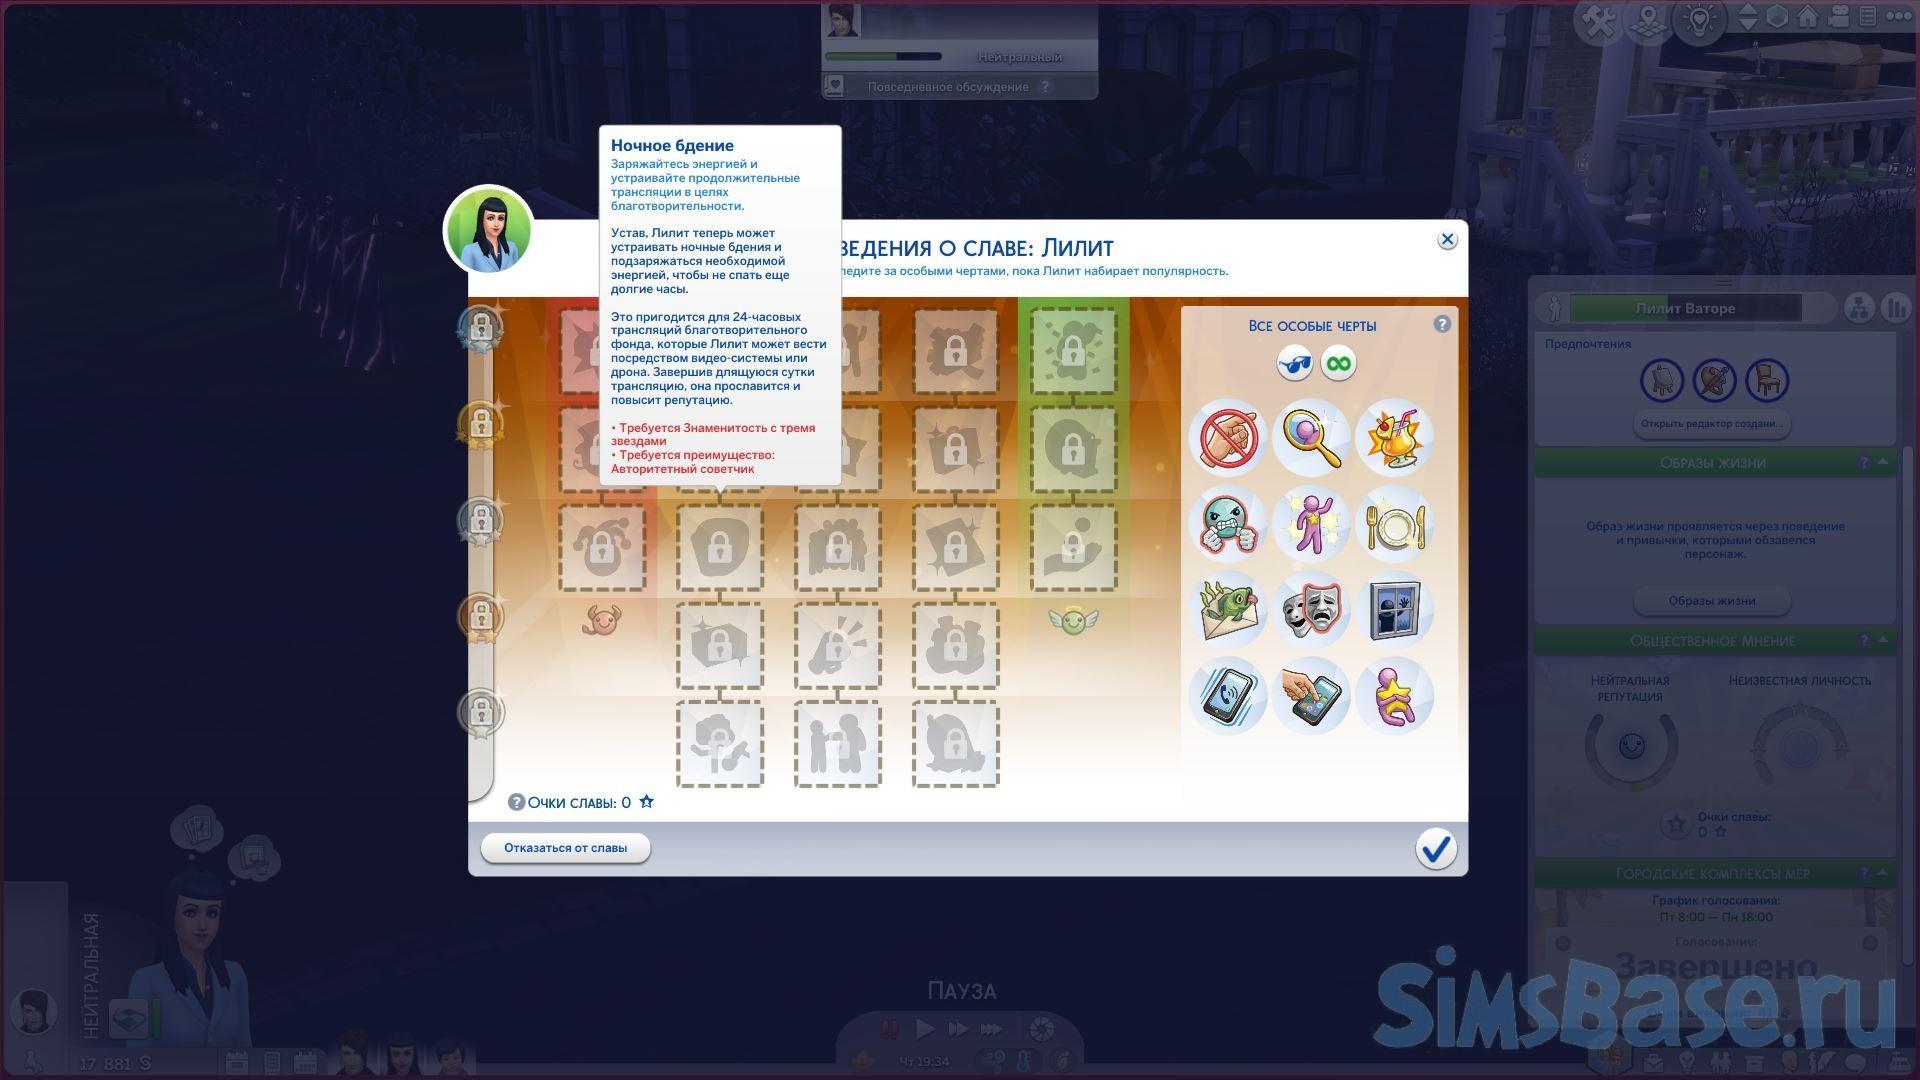 Всё, что нужно знать о славе и известности в Sims 4